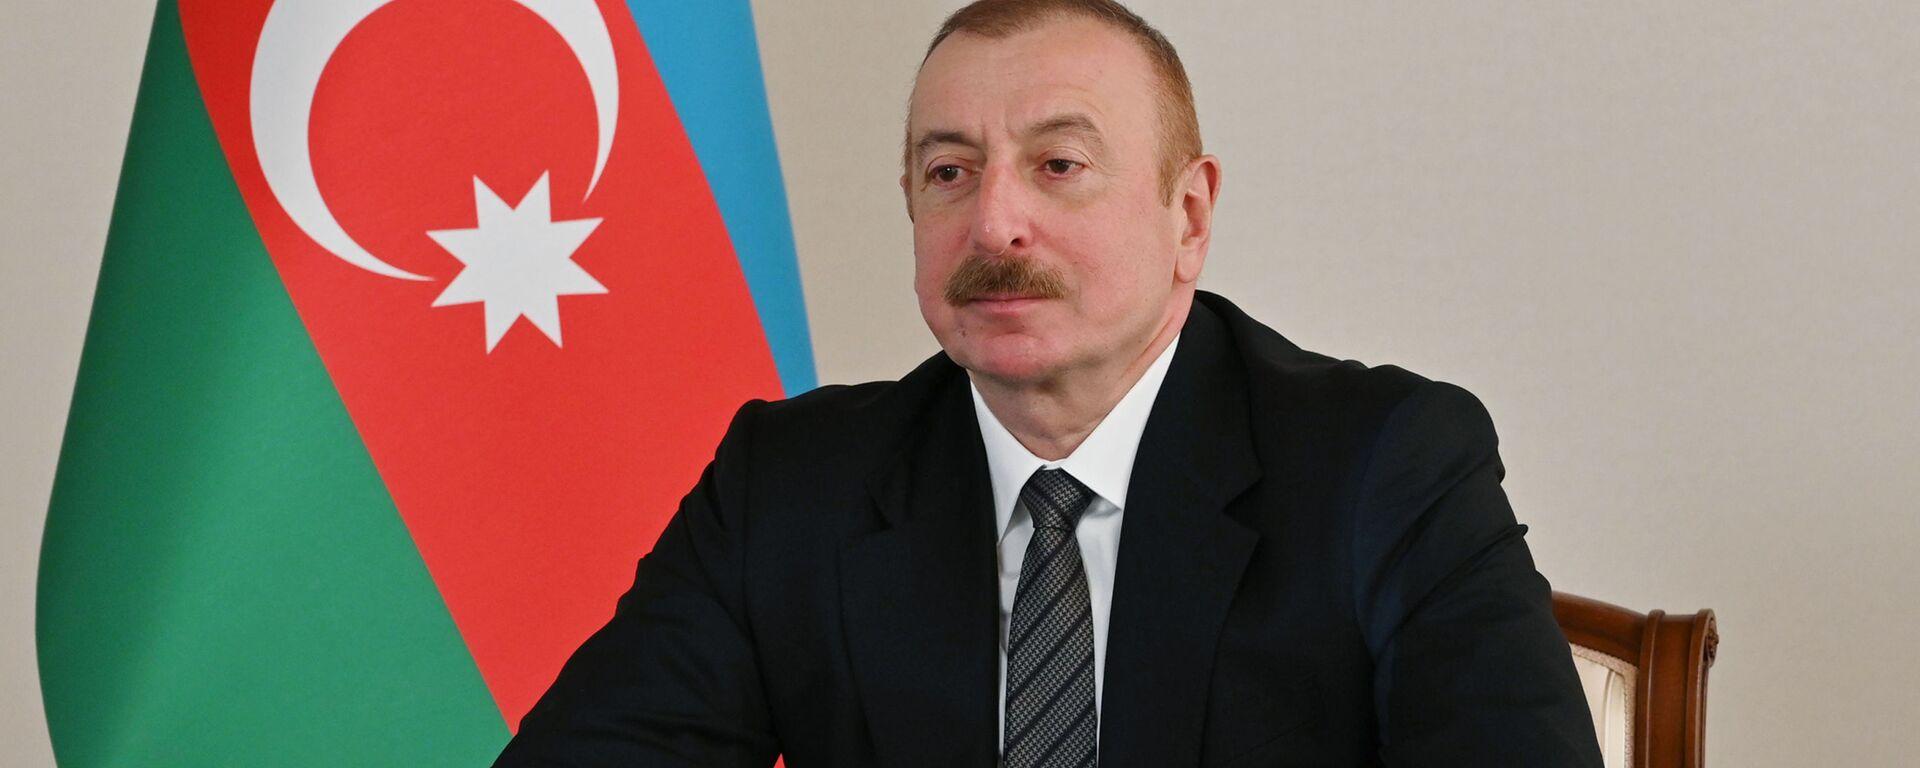 Prezident İlham Əliyev, arxiv şəkli - Sputnik Azərbaycan, 1920, 04.10.2021